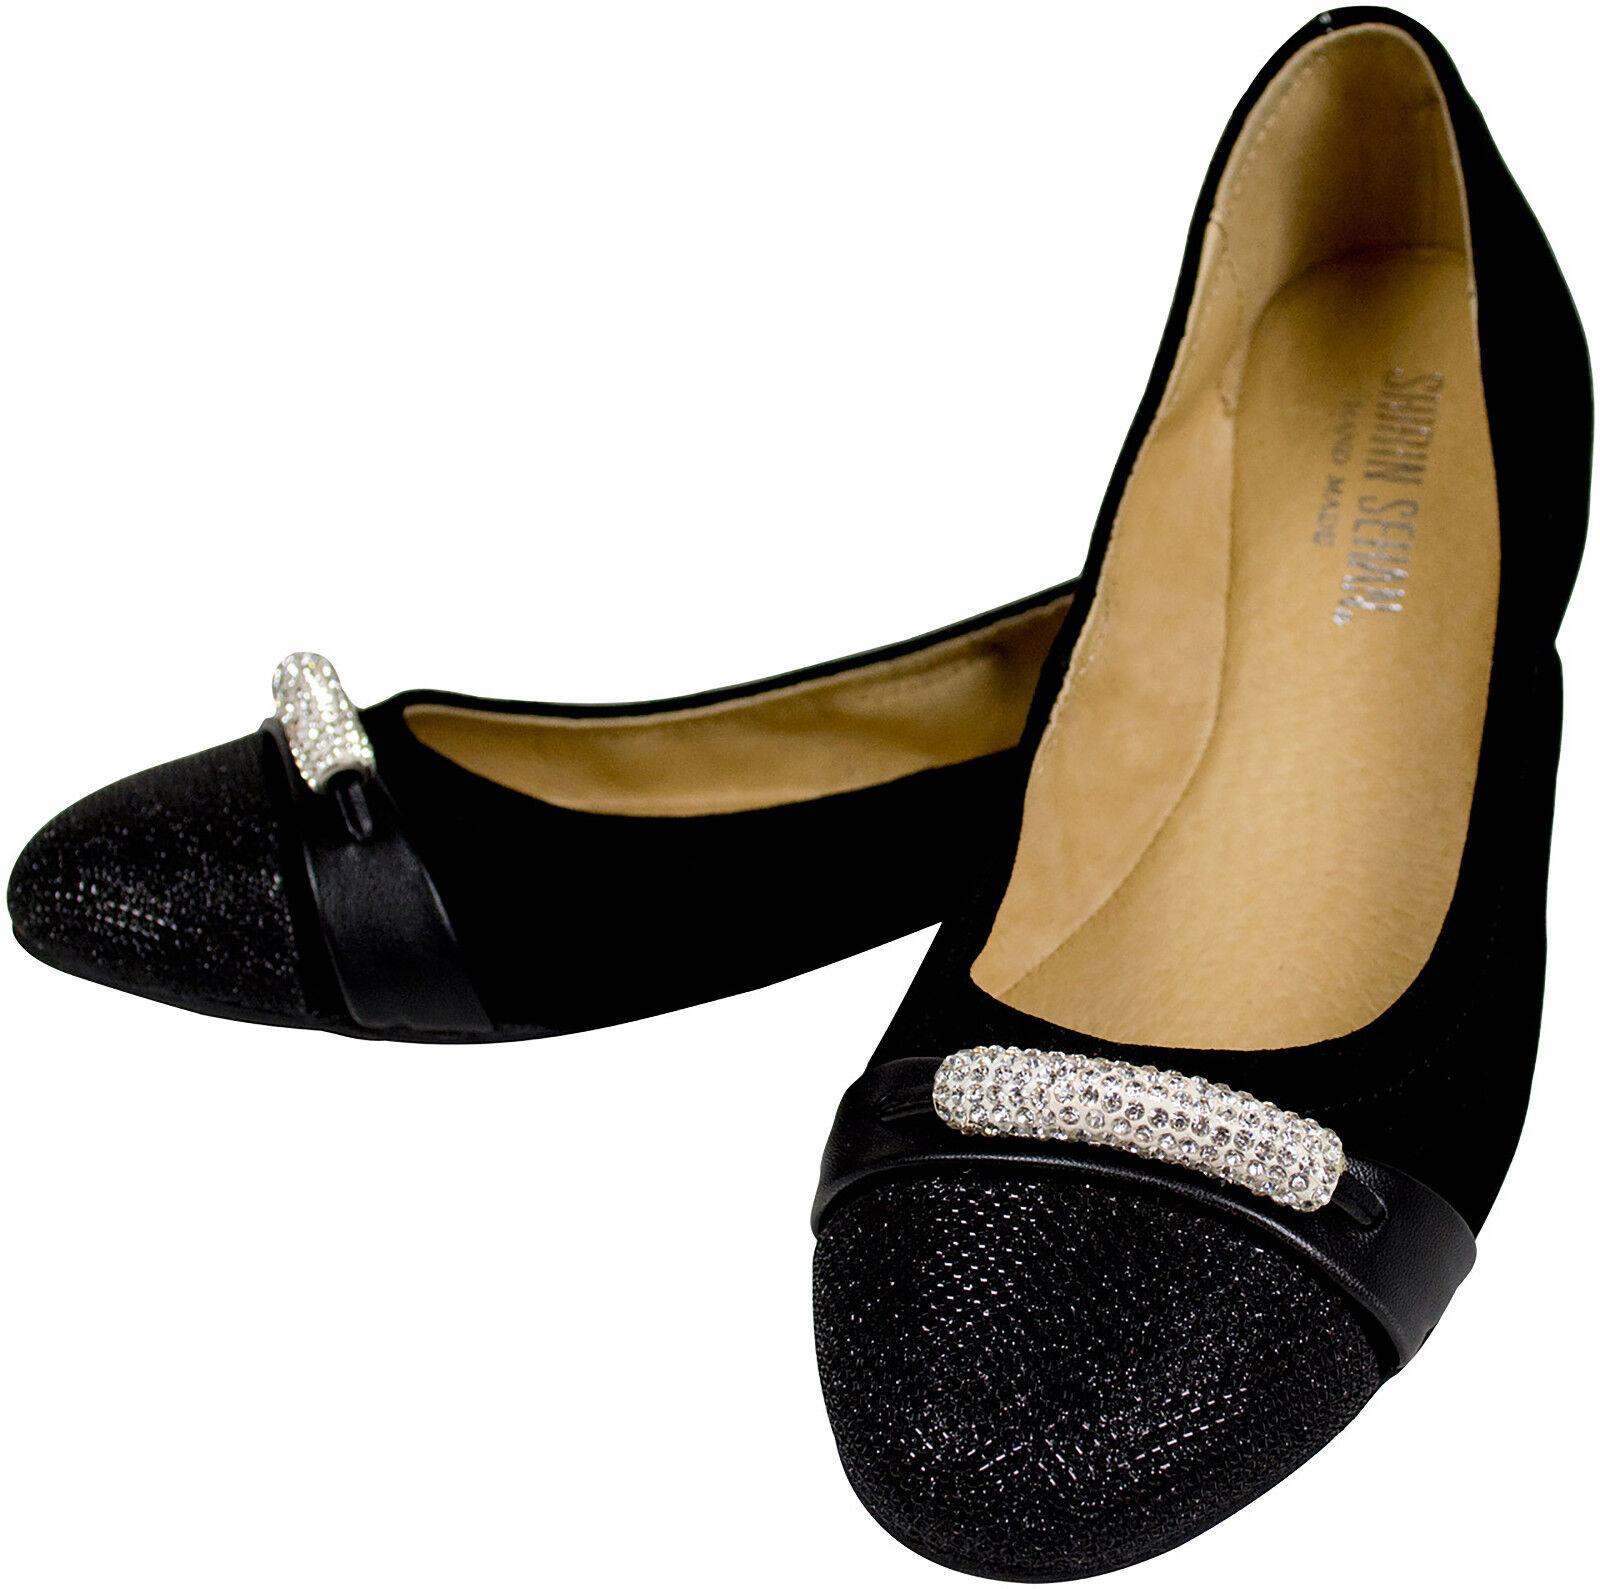 Ballerine cuir velour stretch paillettes strass noir einzelpaar Taille 35